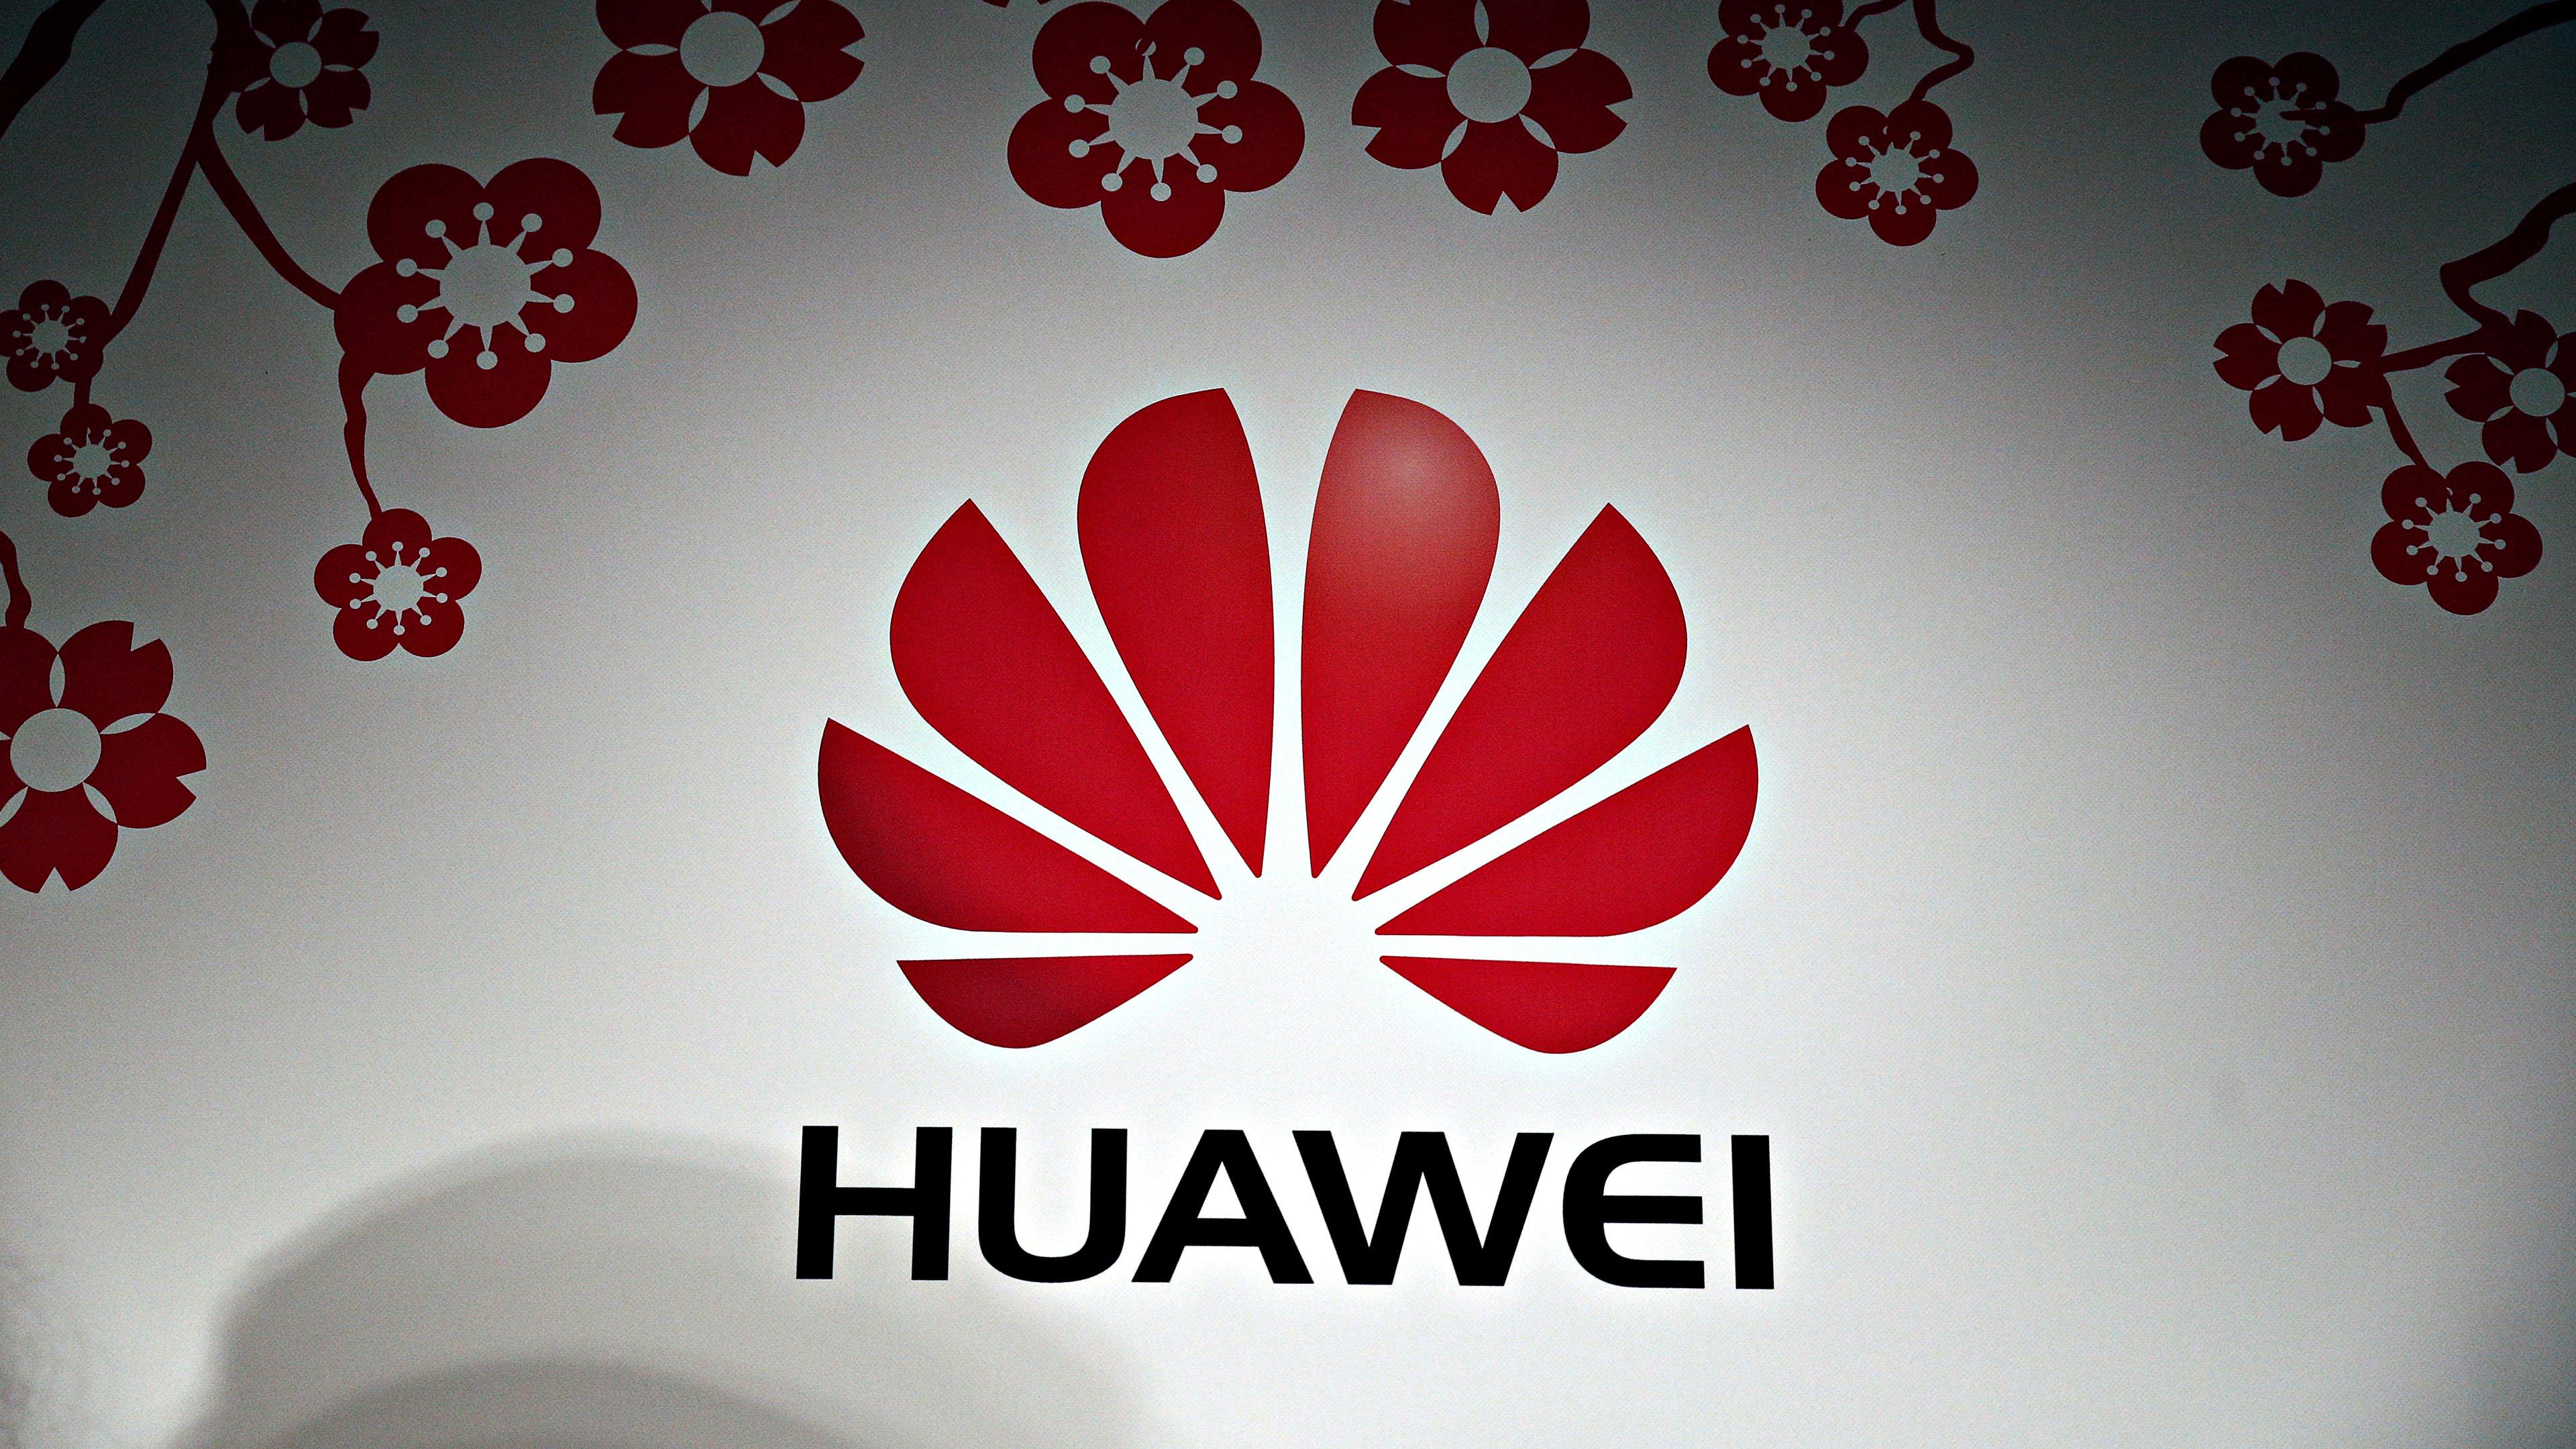 Novo sistema operacional da Huawei poderá ser apresentado junto com o Mate 30